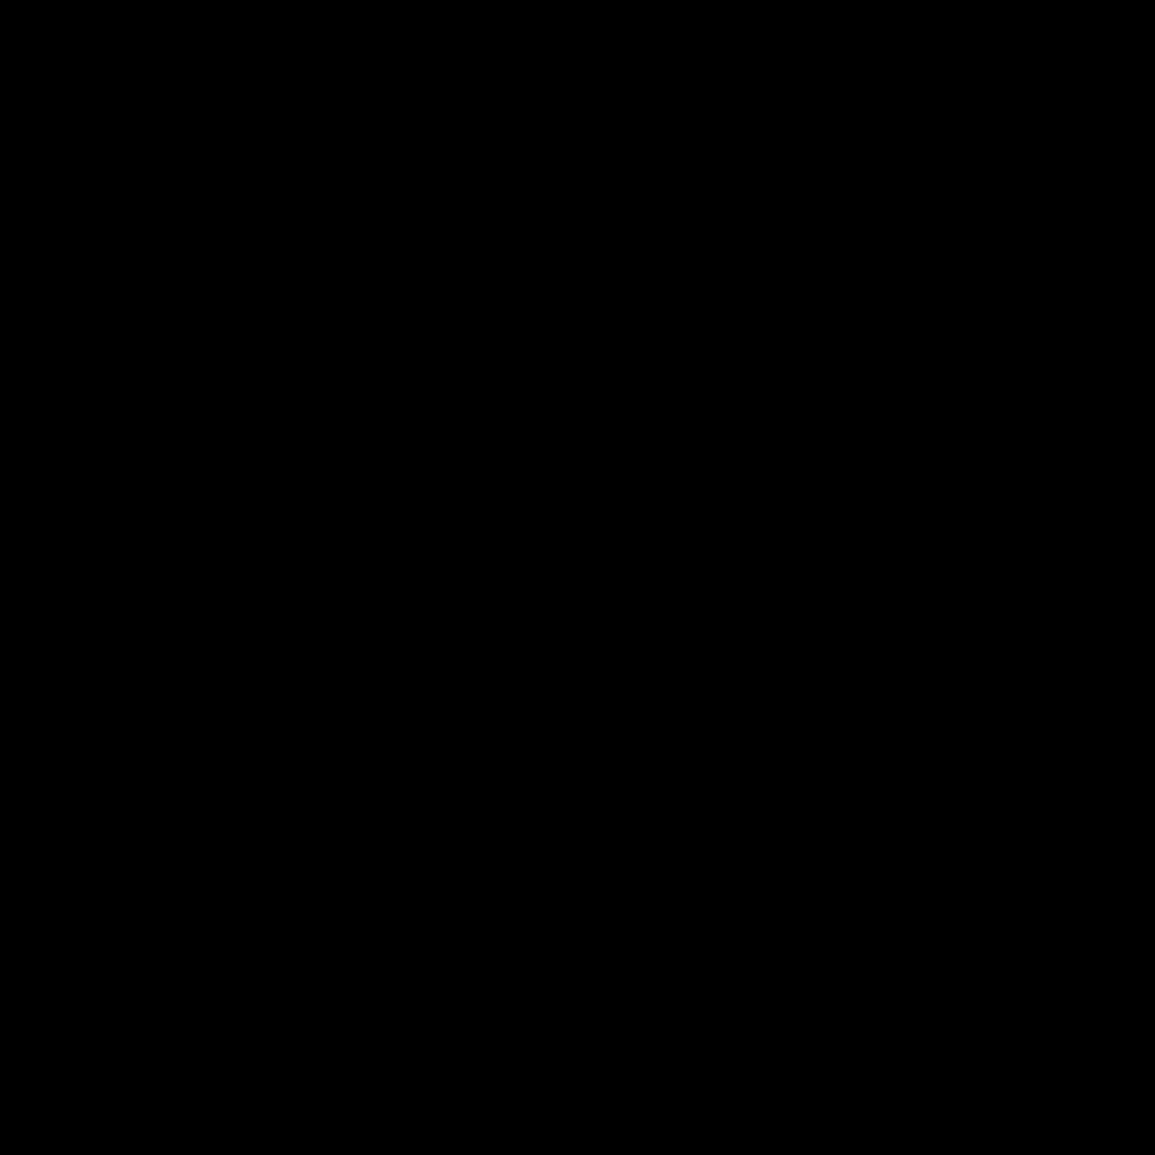 ゴナライン U UNGL 字形見本